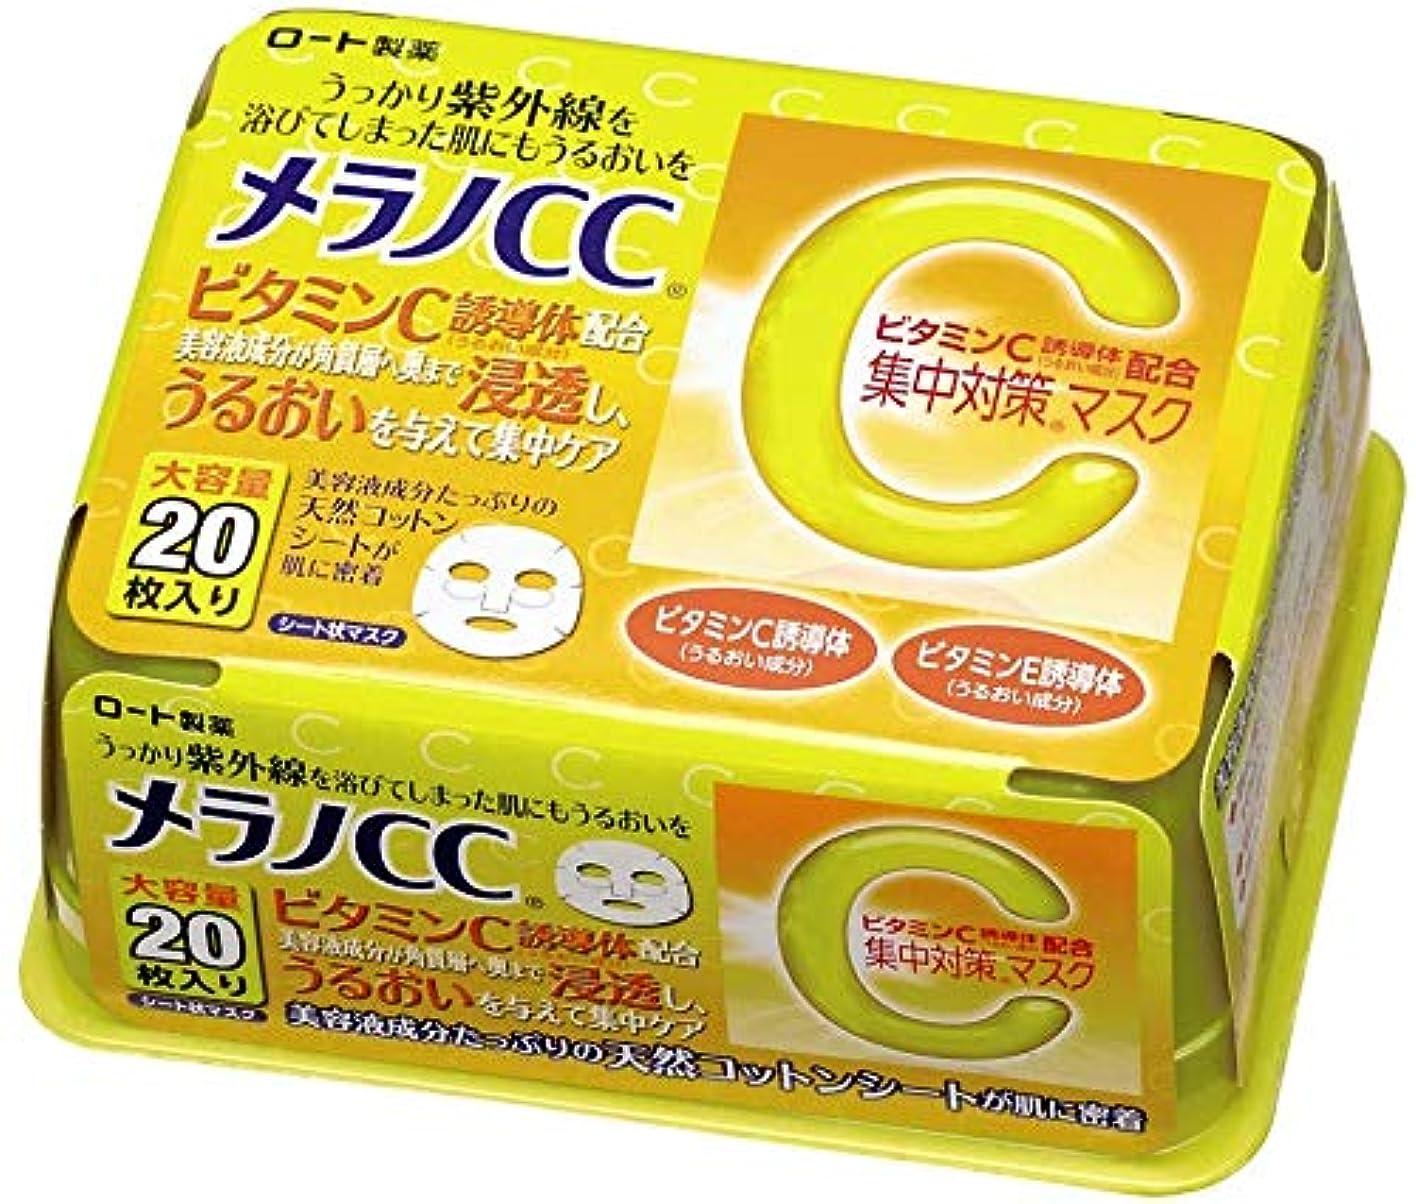 壊滅的なパケット収縮メラノCC ビタミンC配合 紫外線集中対策浸透 マスク 20枚 195mL×5個